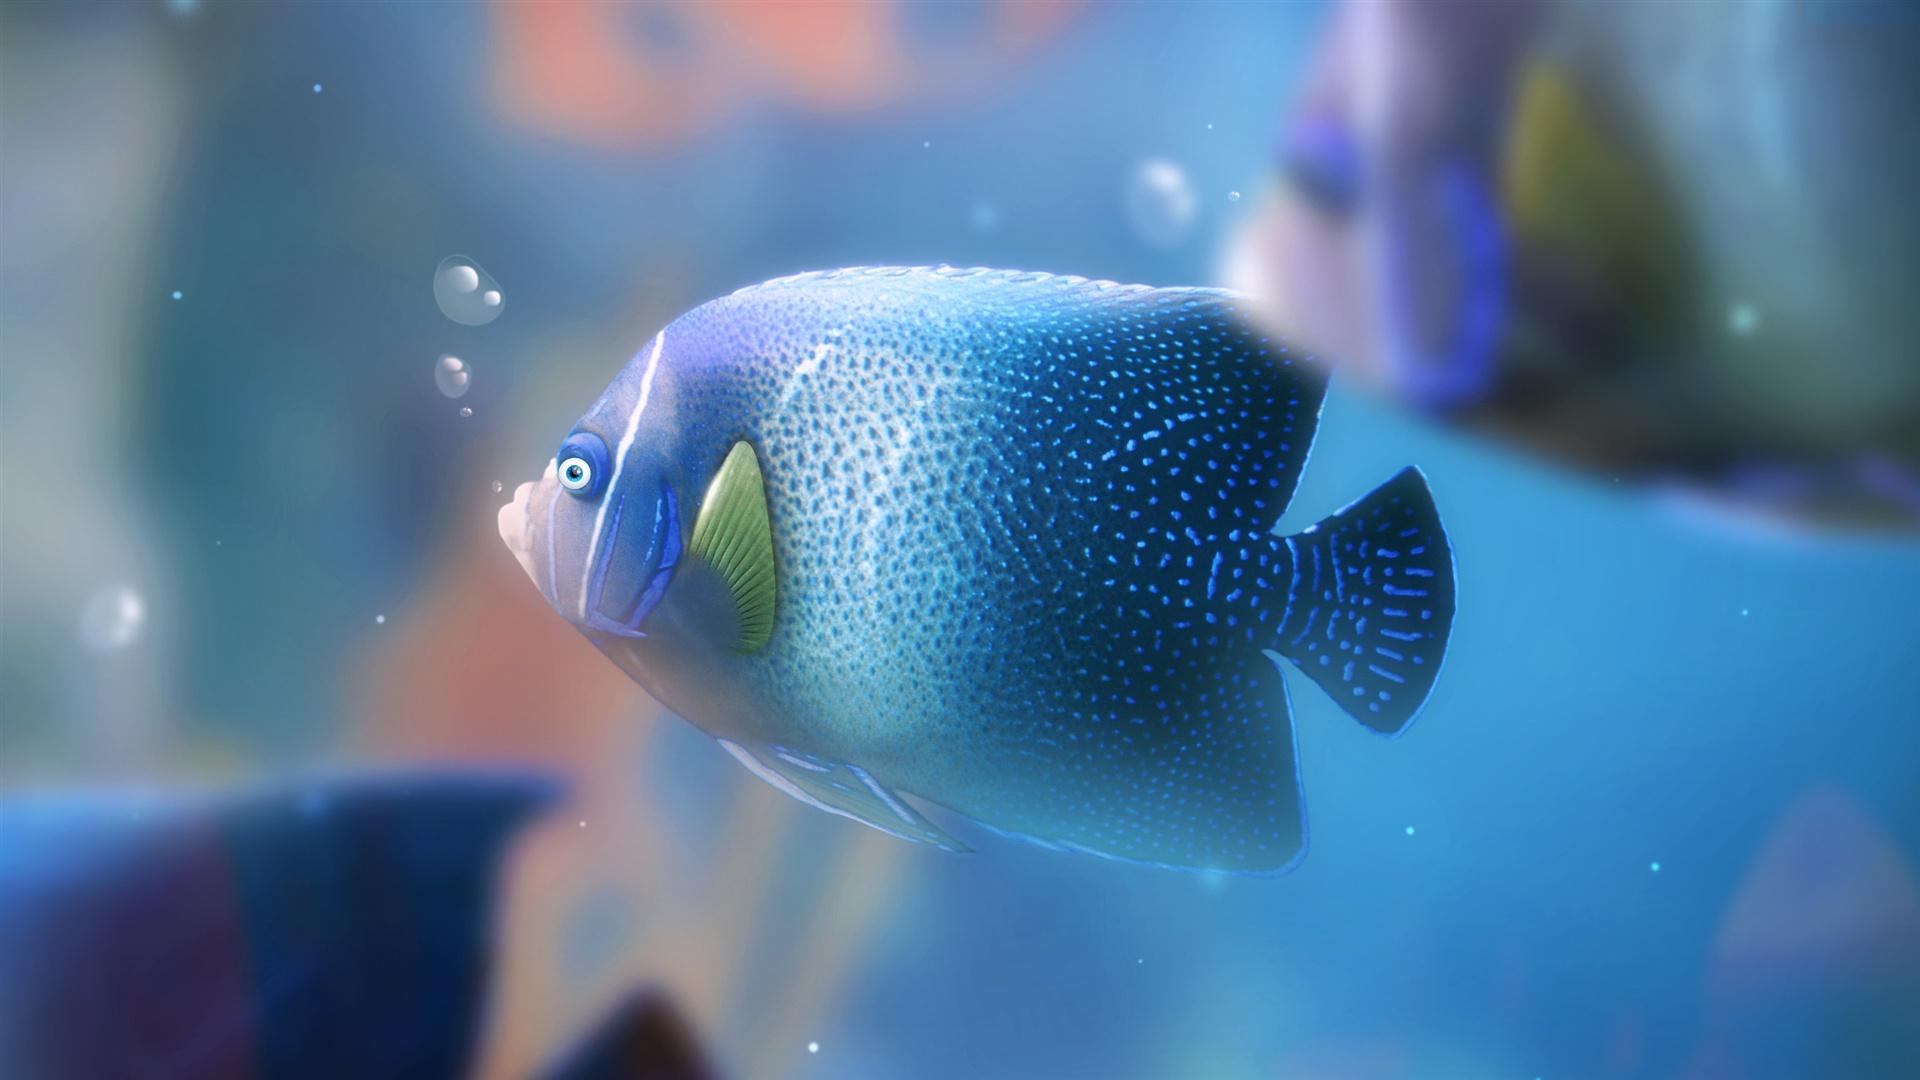 Download wallpaper 1920x1080 blue aquarium fish full hd for Blue fish aquarium